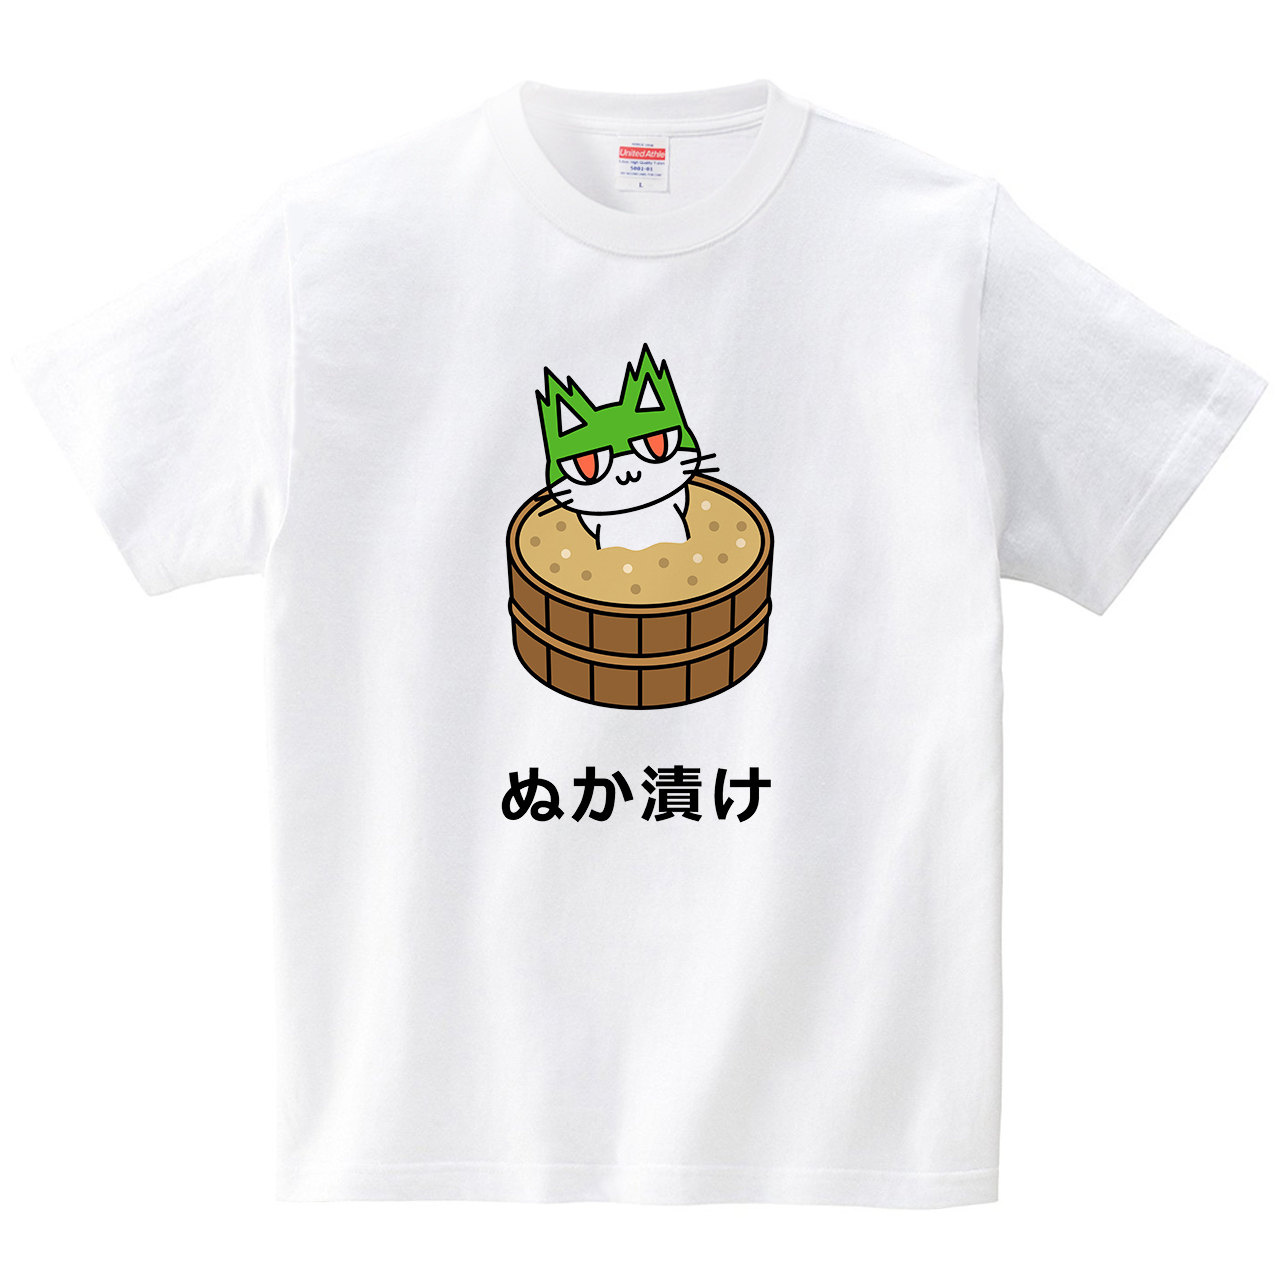 大根猫のぬか漬け(Tシャツ・ホワイト)(ニャディッシュ)